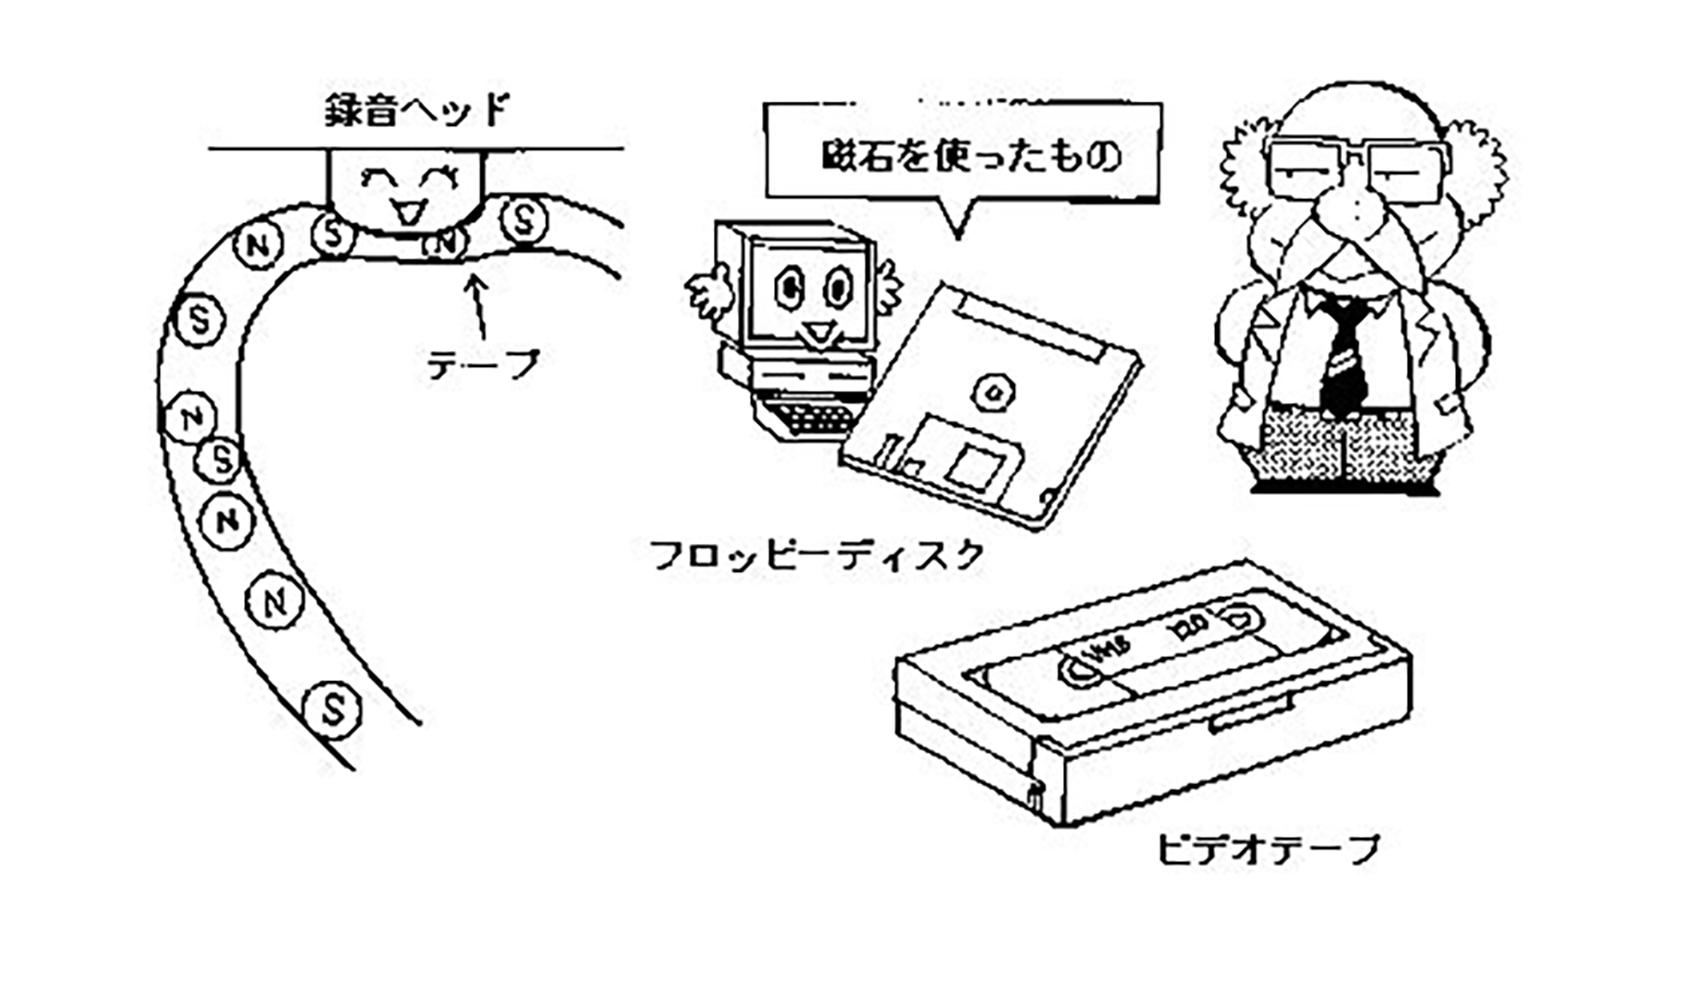 ビデオテープはどうしてテレビが録画できるの